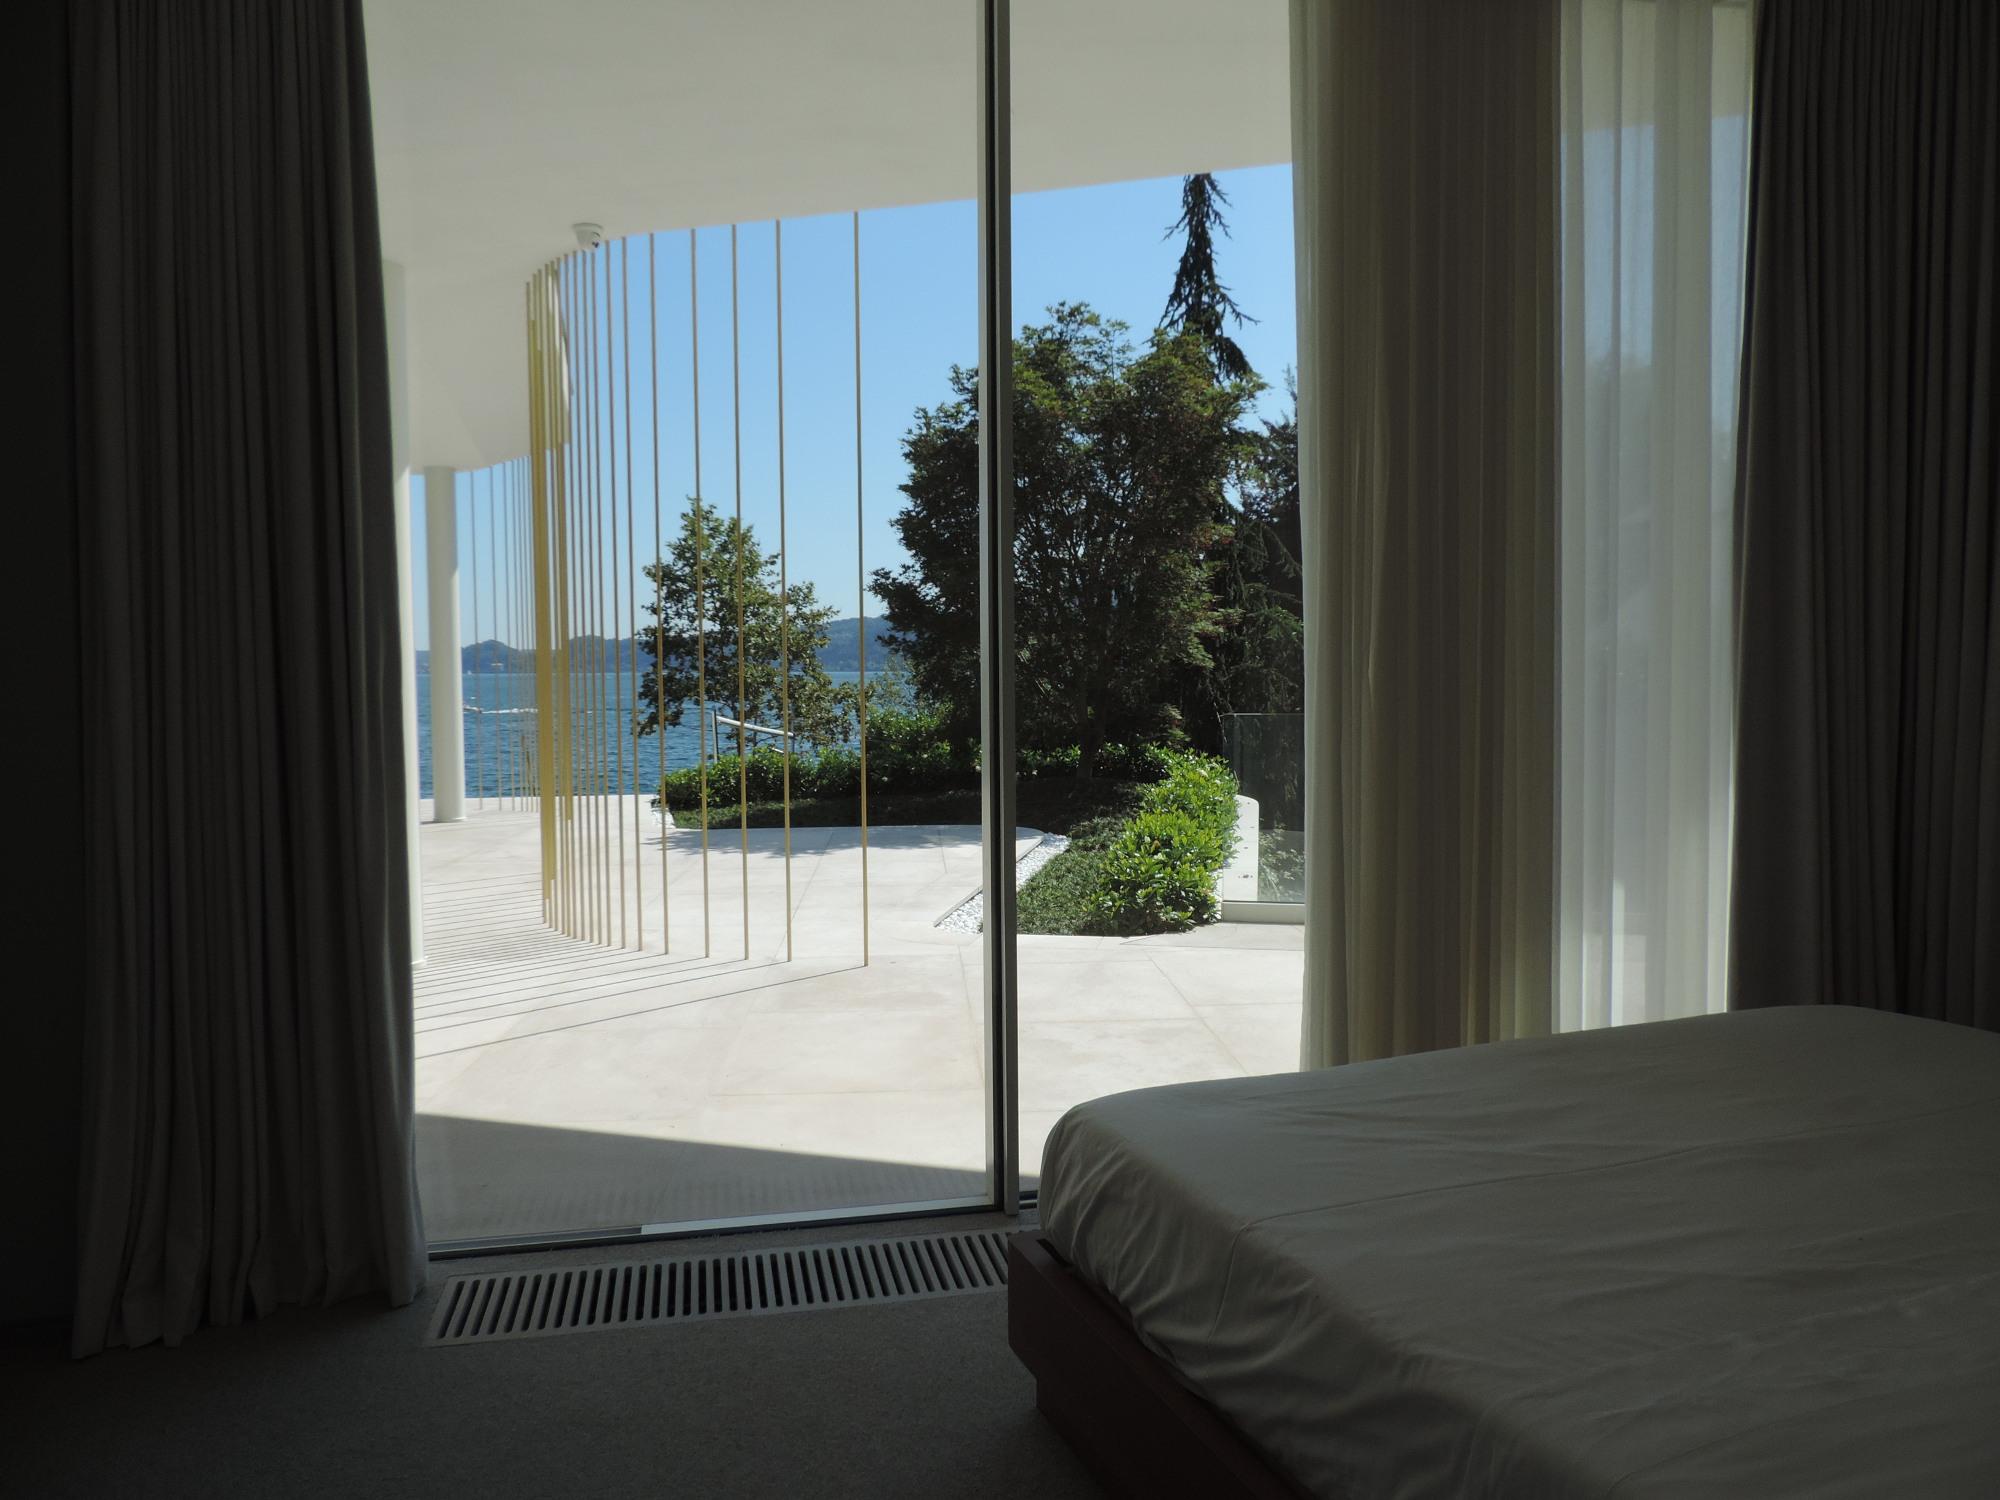 0718_RobertoManzetti-Architetto-NeuHouse-19